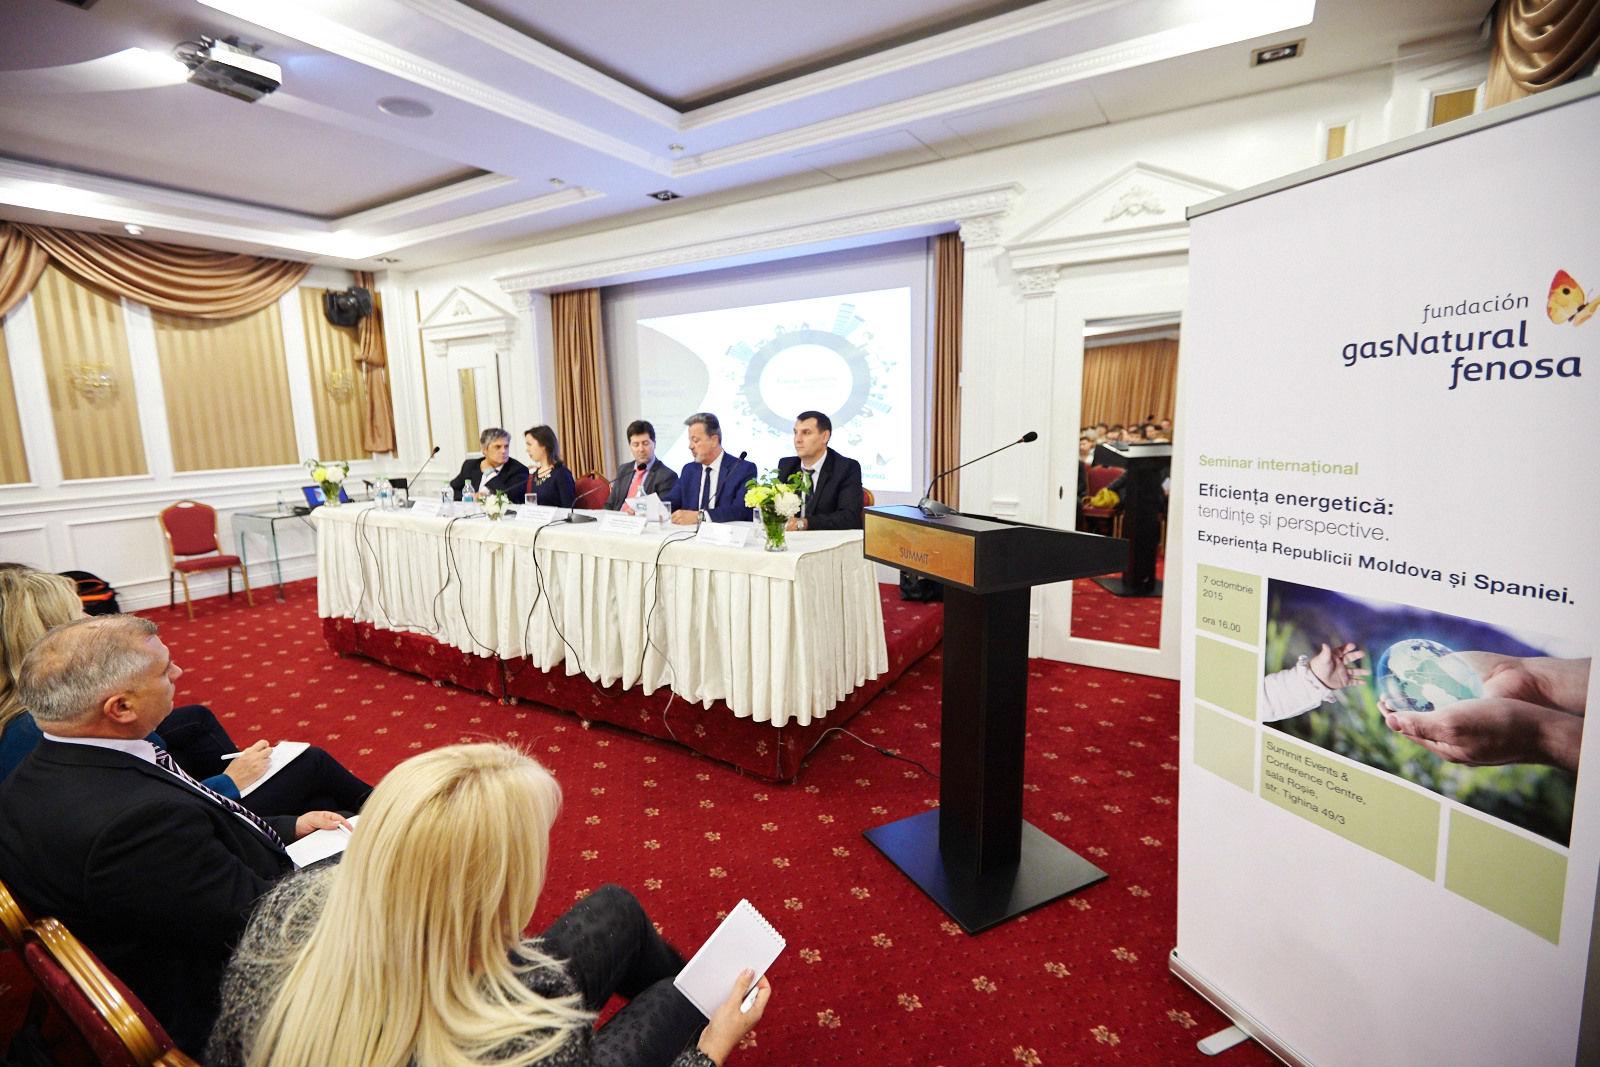 Eficiencia energética: tendencias y perspectivas. Las experiencias de la República Moldova y España